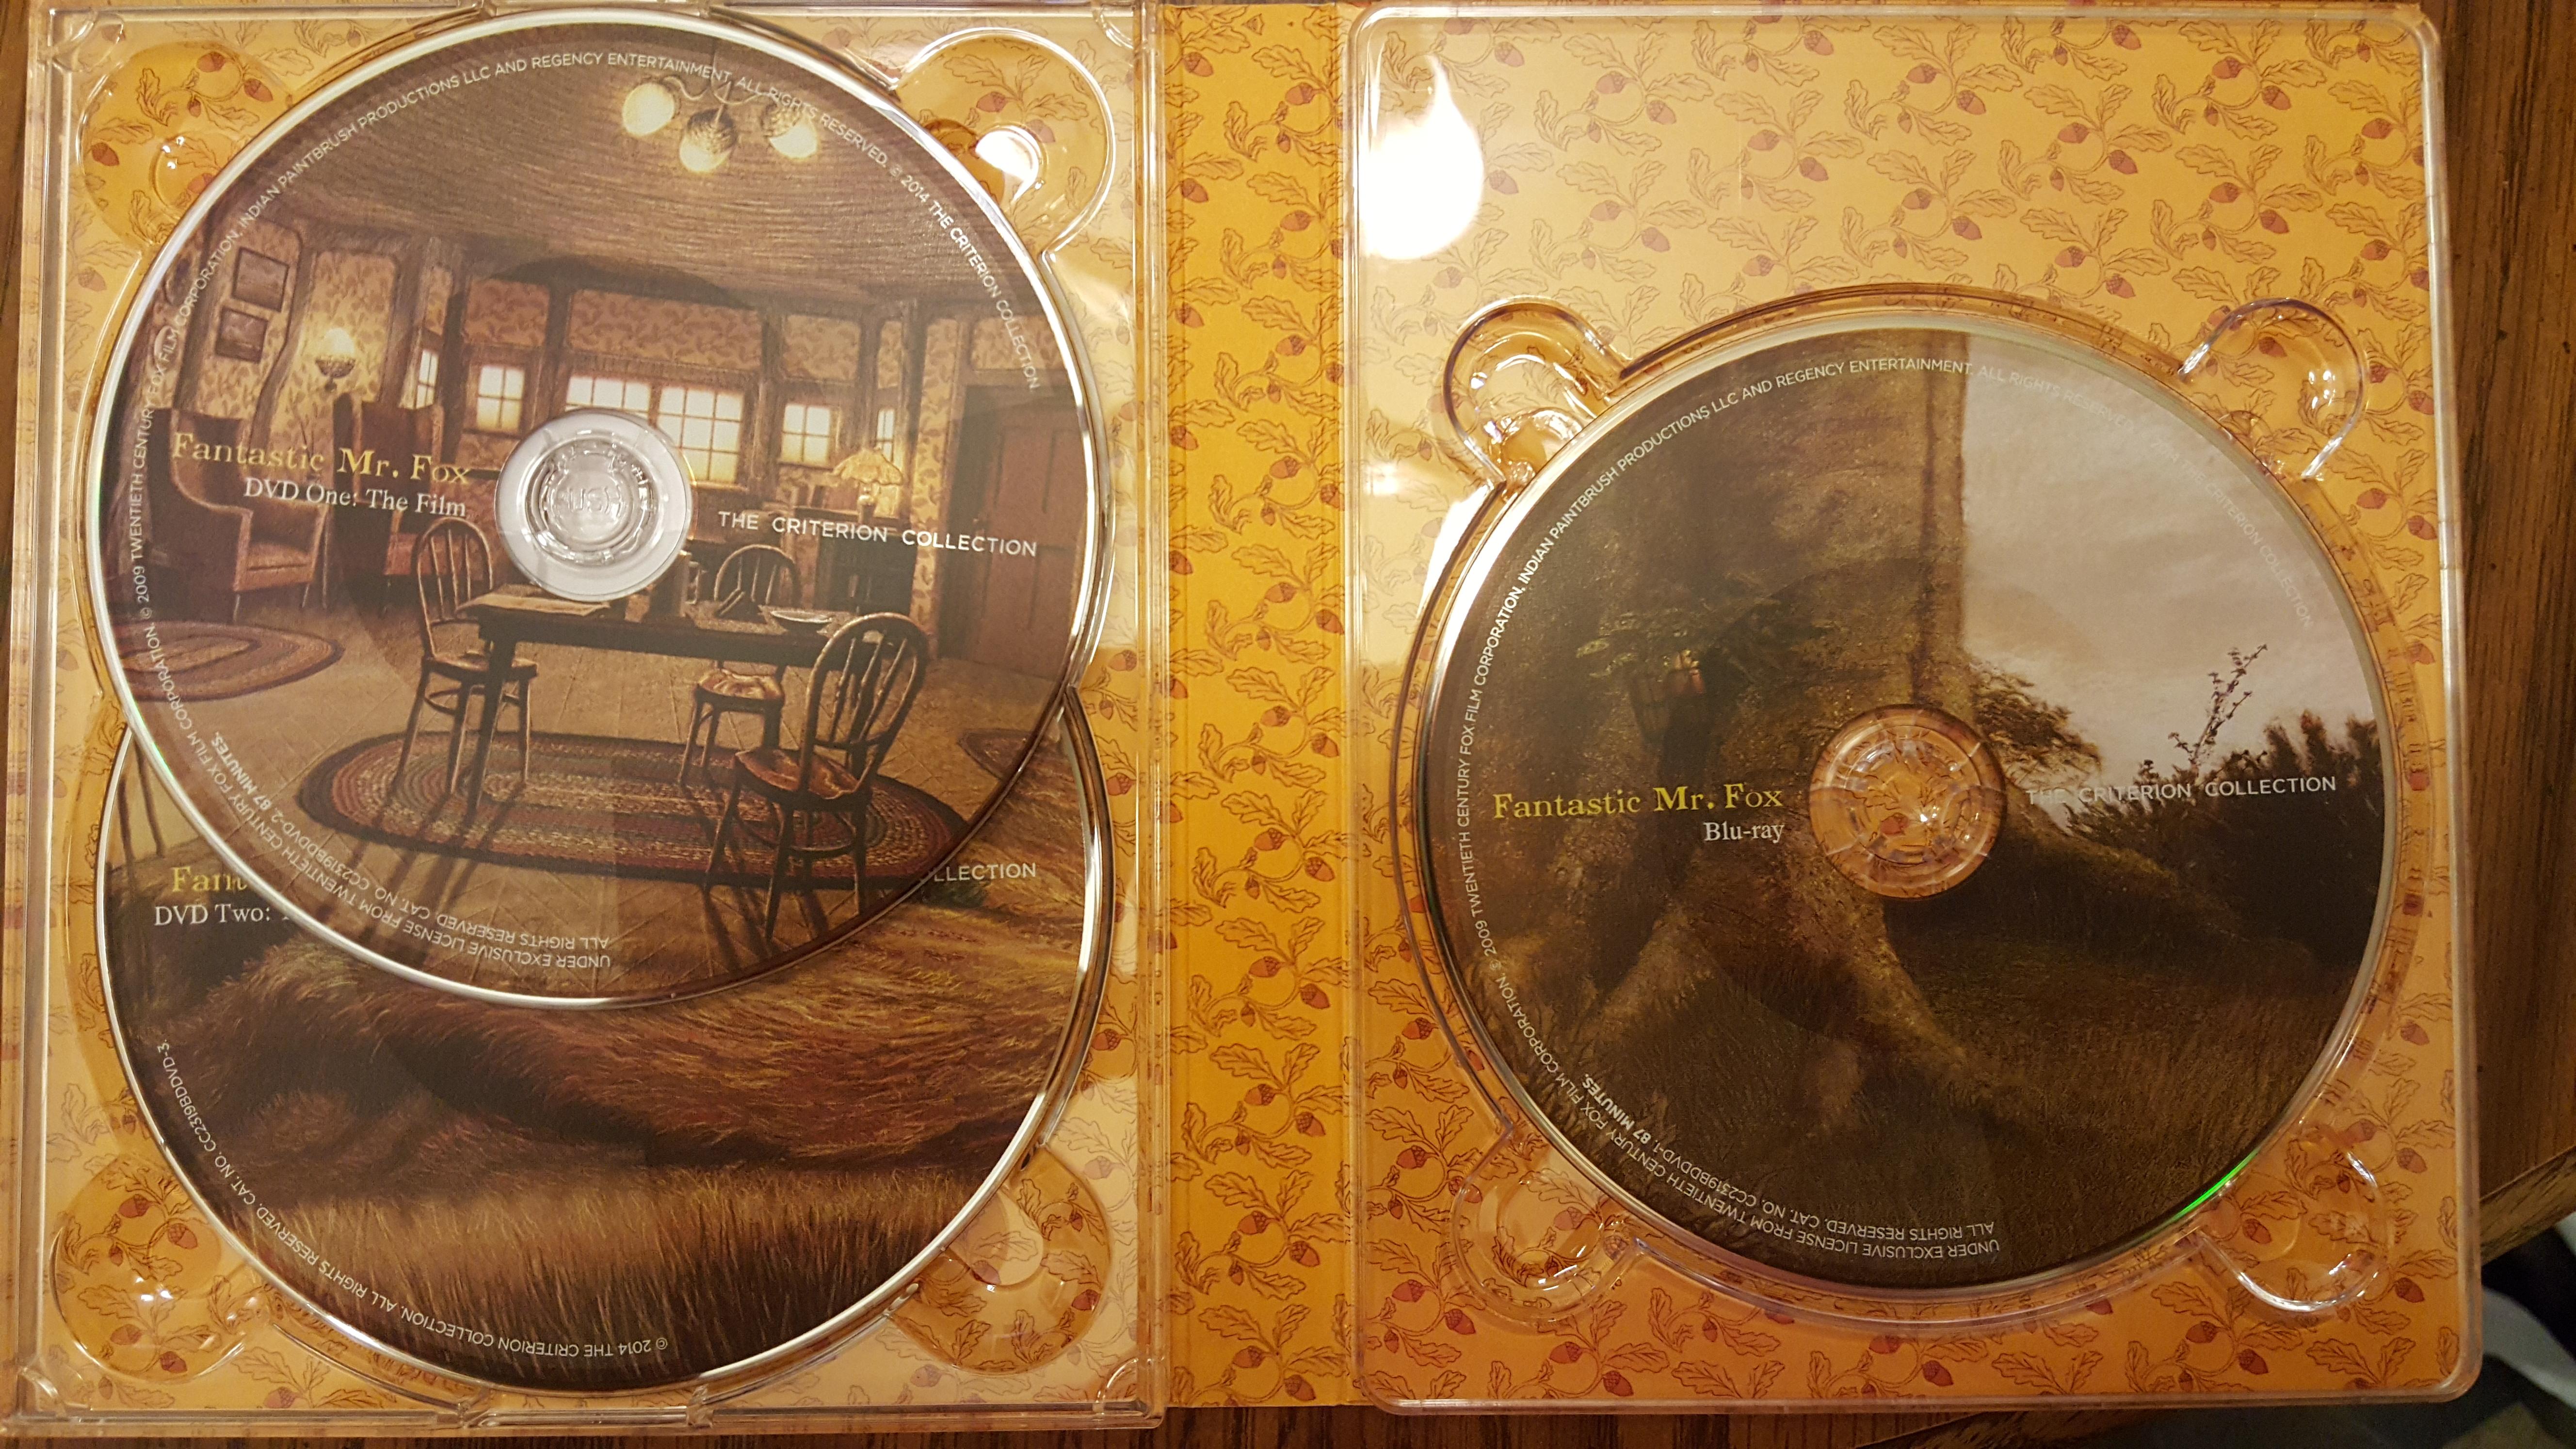 Fantastic Mr. Fox Discs